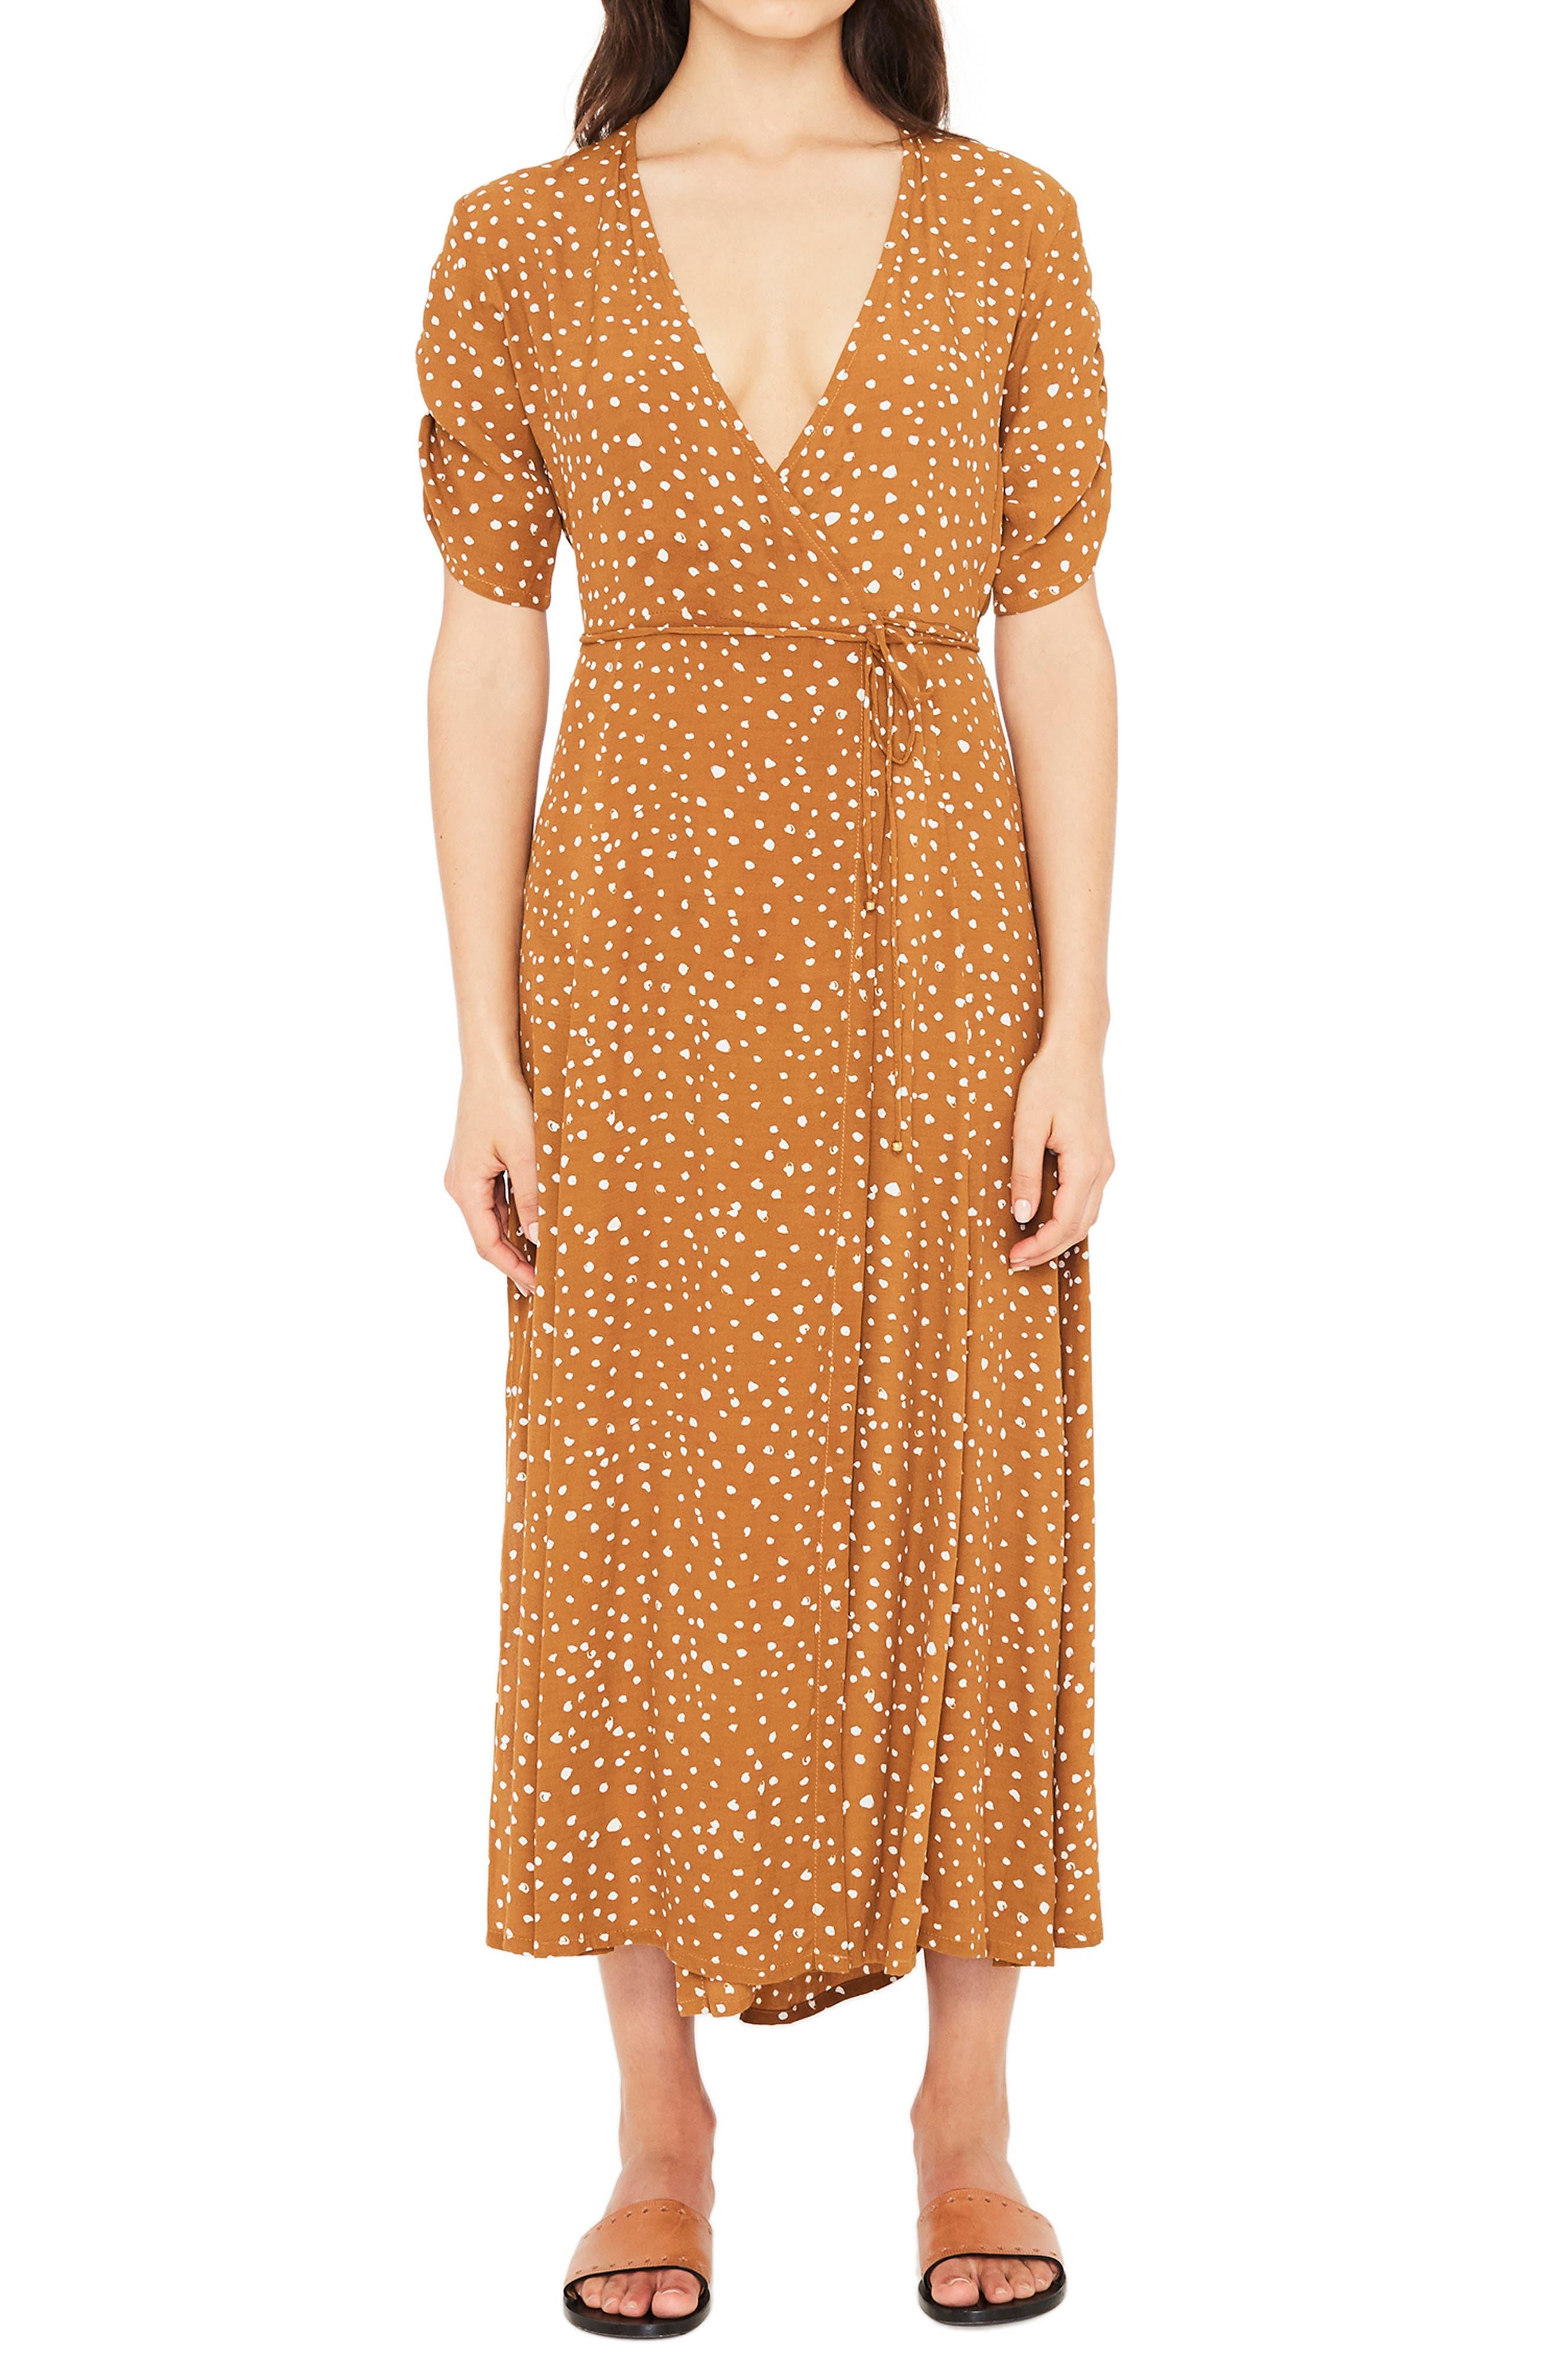 Chiara Dot Print Wrap Dress,                             Main thumbnail 1, color,                             700